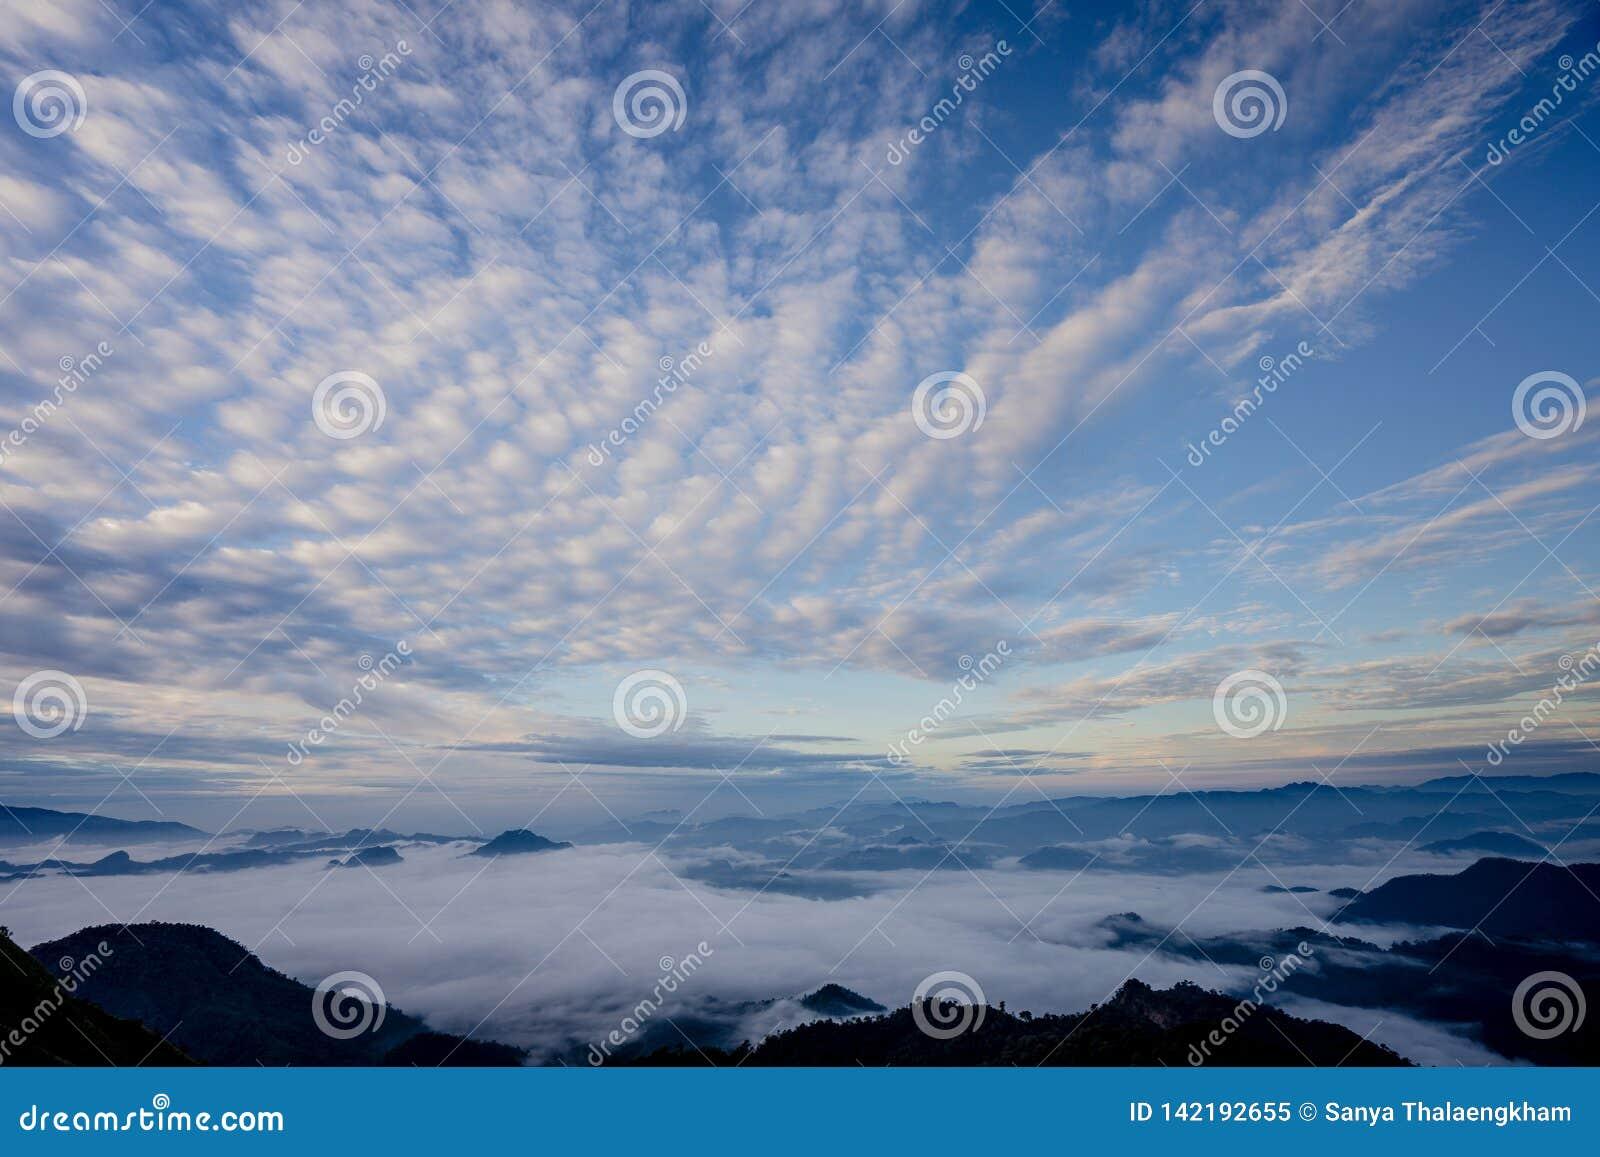 Havet av dimma med skogar och bergdalen som är härligt i naturlandskapet, Doi Thule, Tak landskap, Thailand